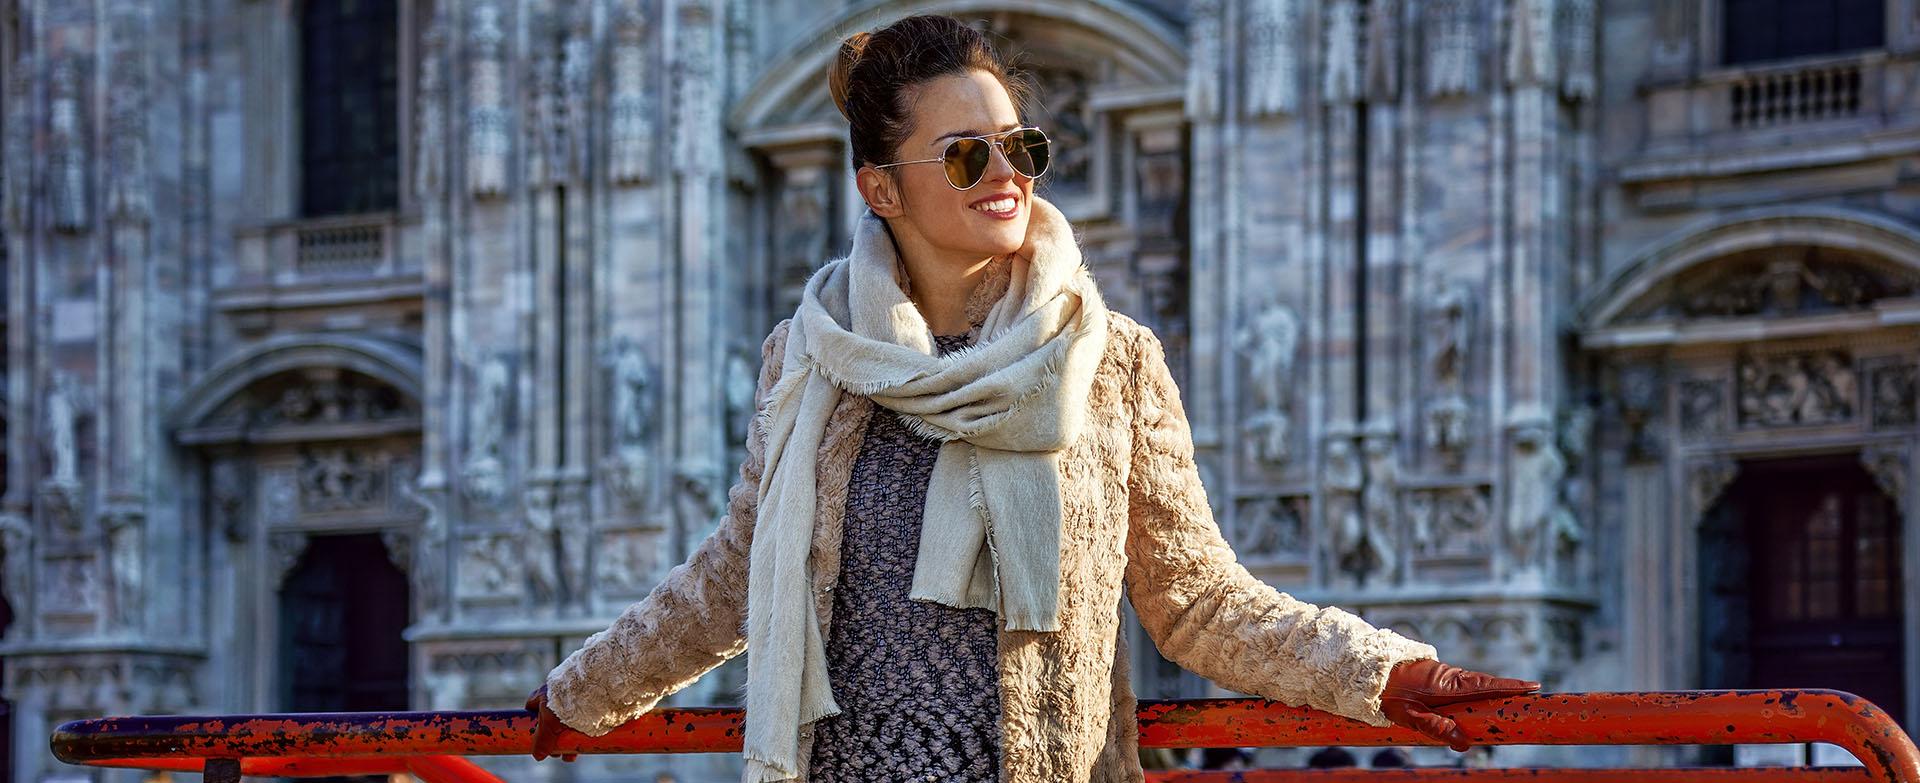 Kobieta w płaszczu w mieście przed zabytkową budowlą